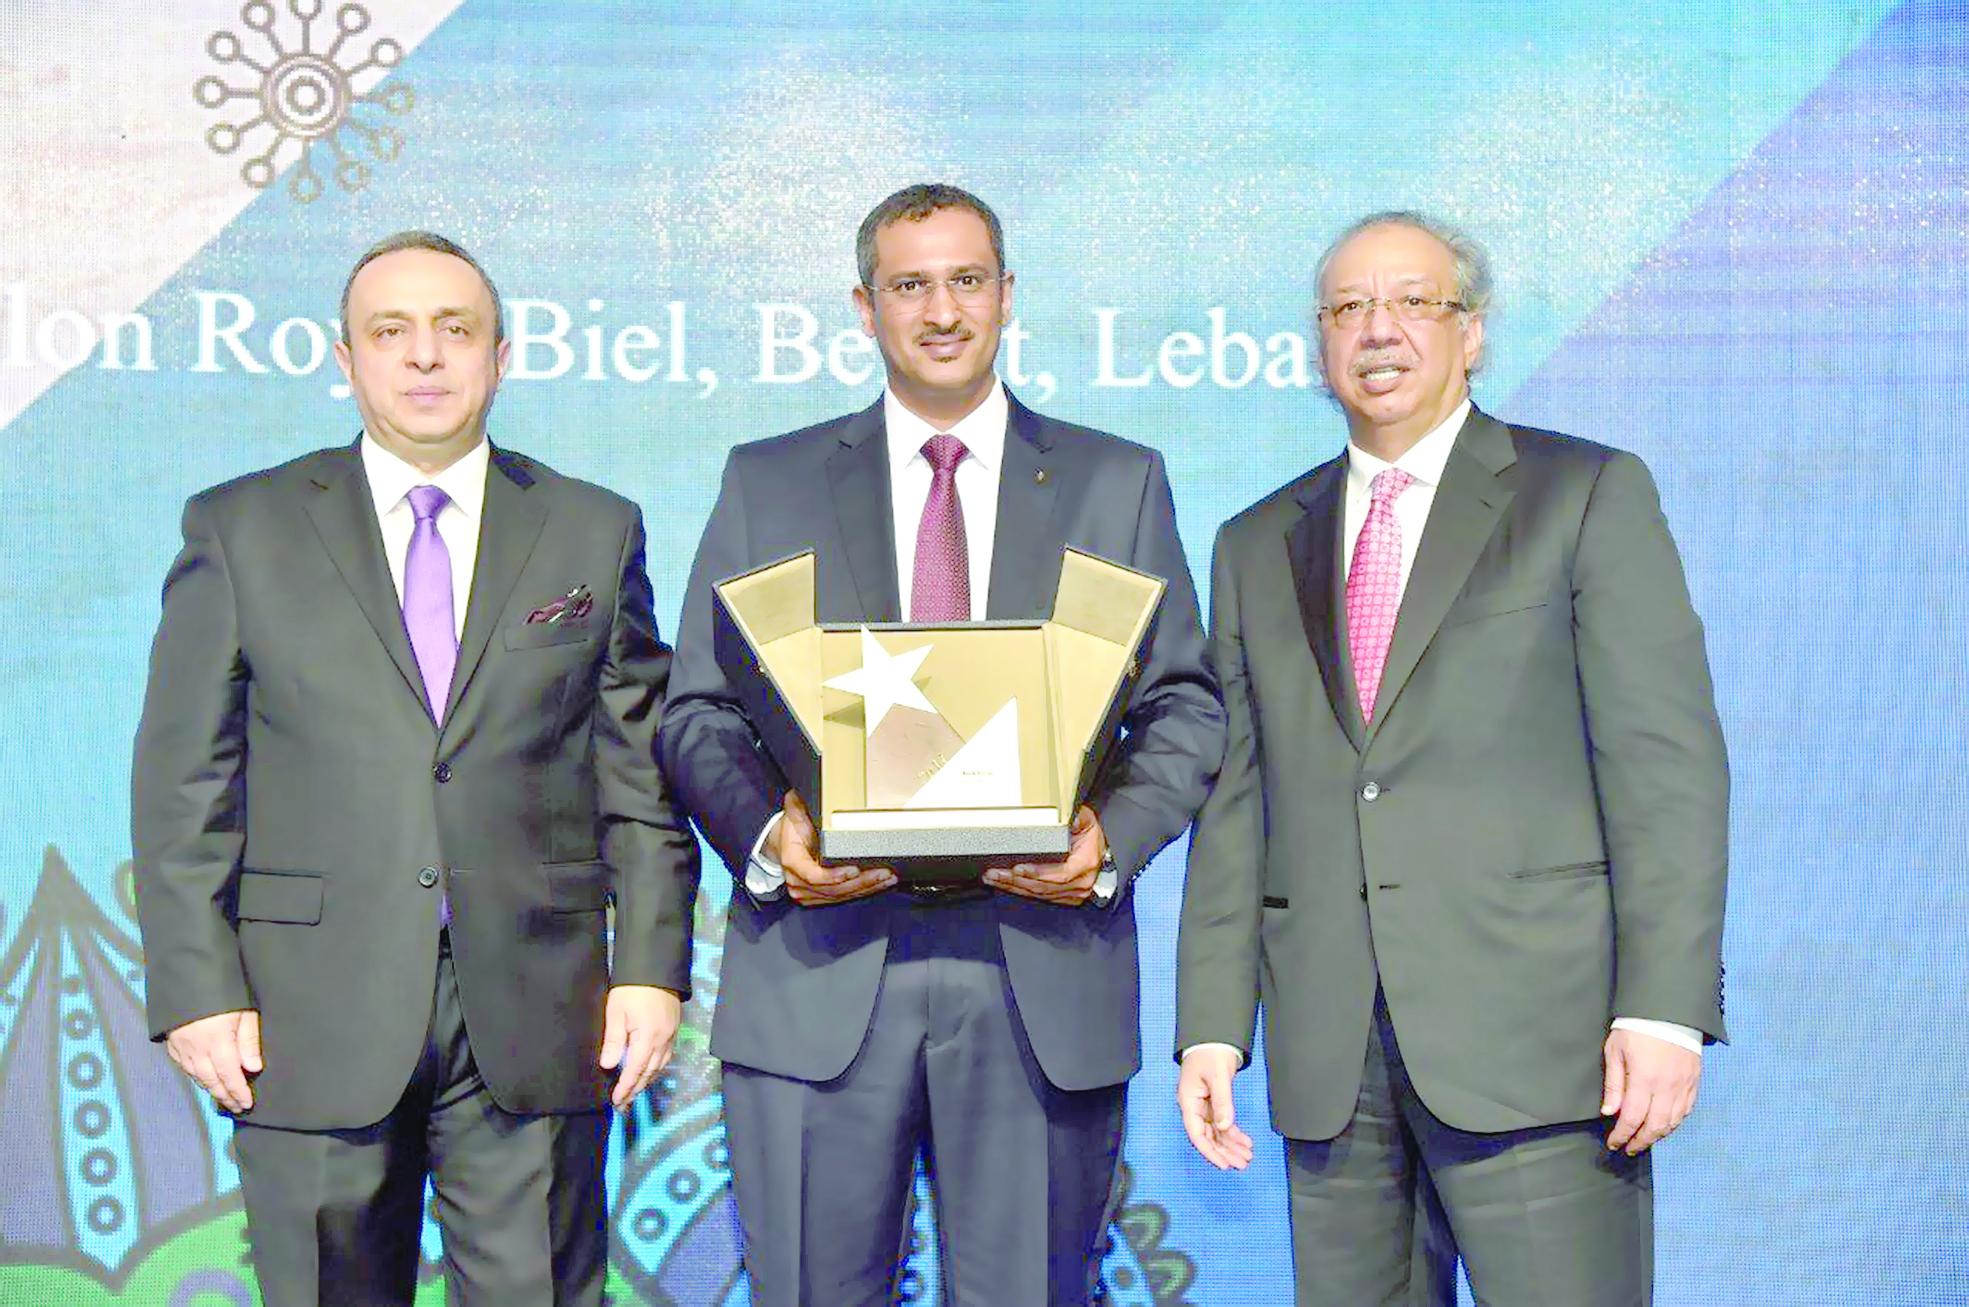 بنك ظفار يتوج بجائزة «التميز في تمويل المشاريع الصغيرة والمتوسطة»